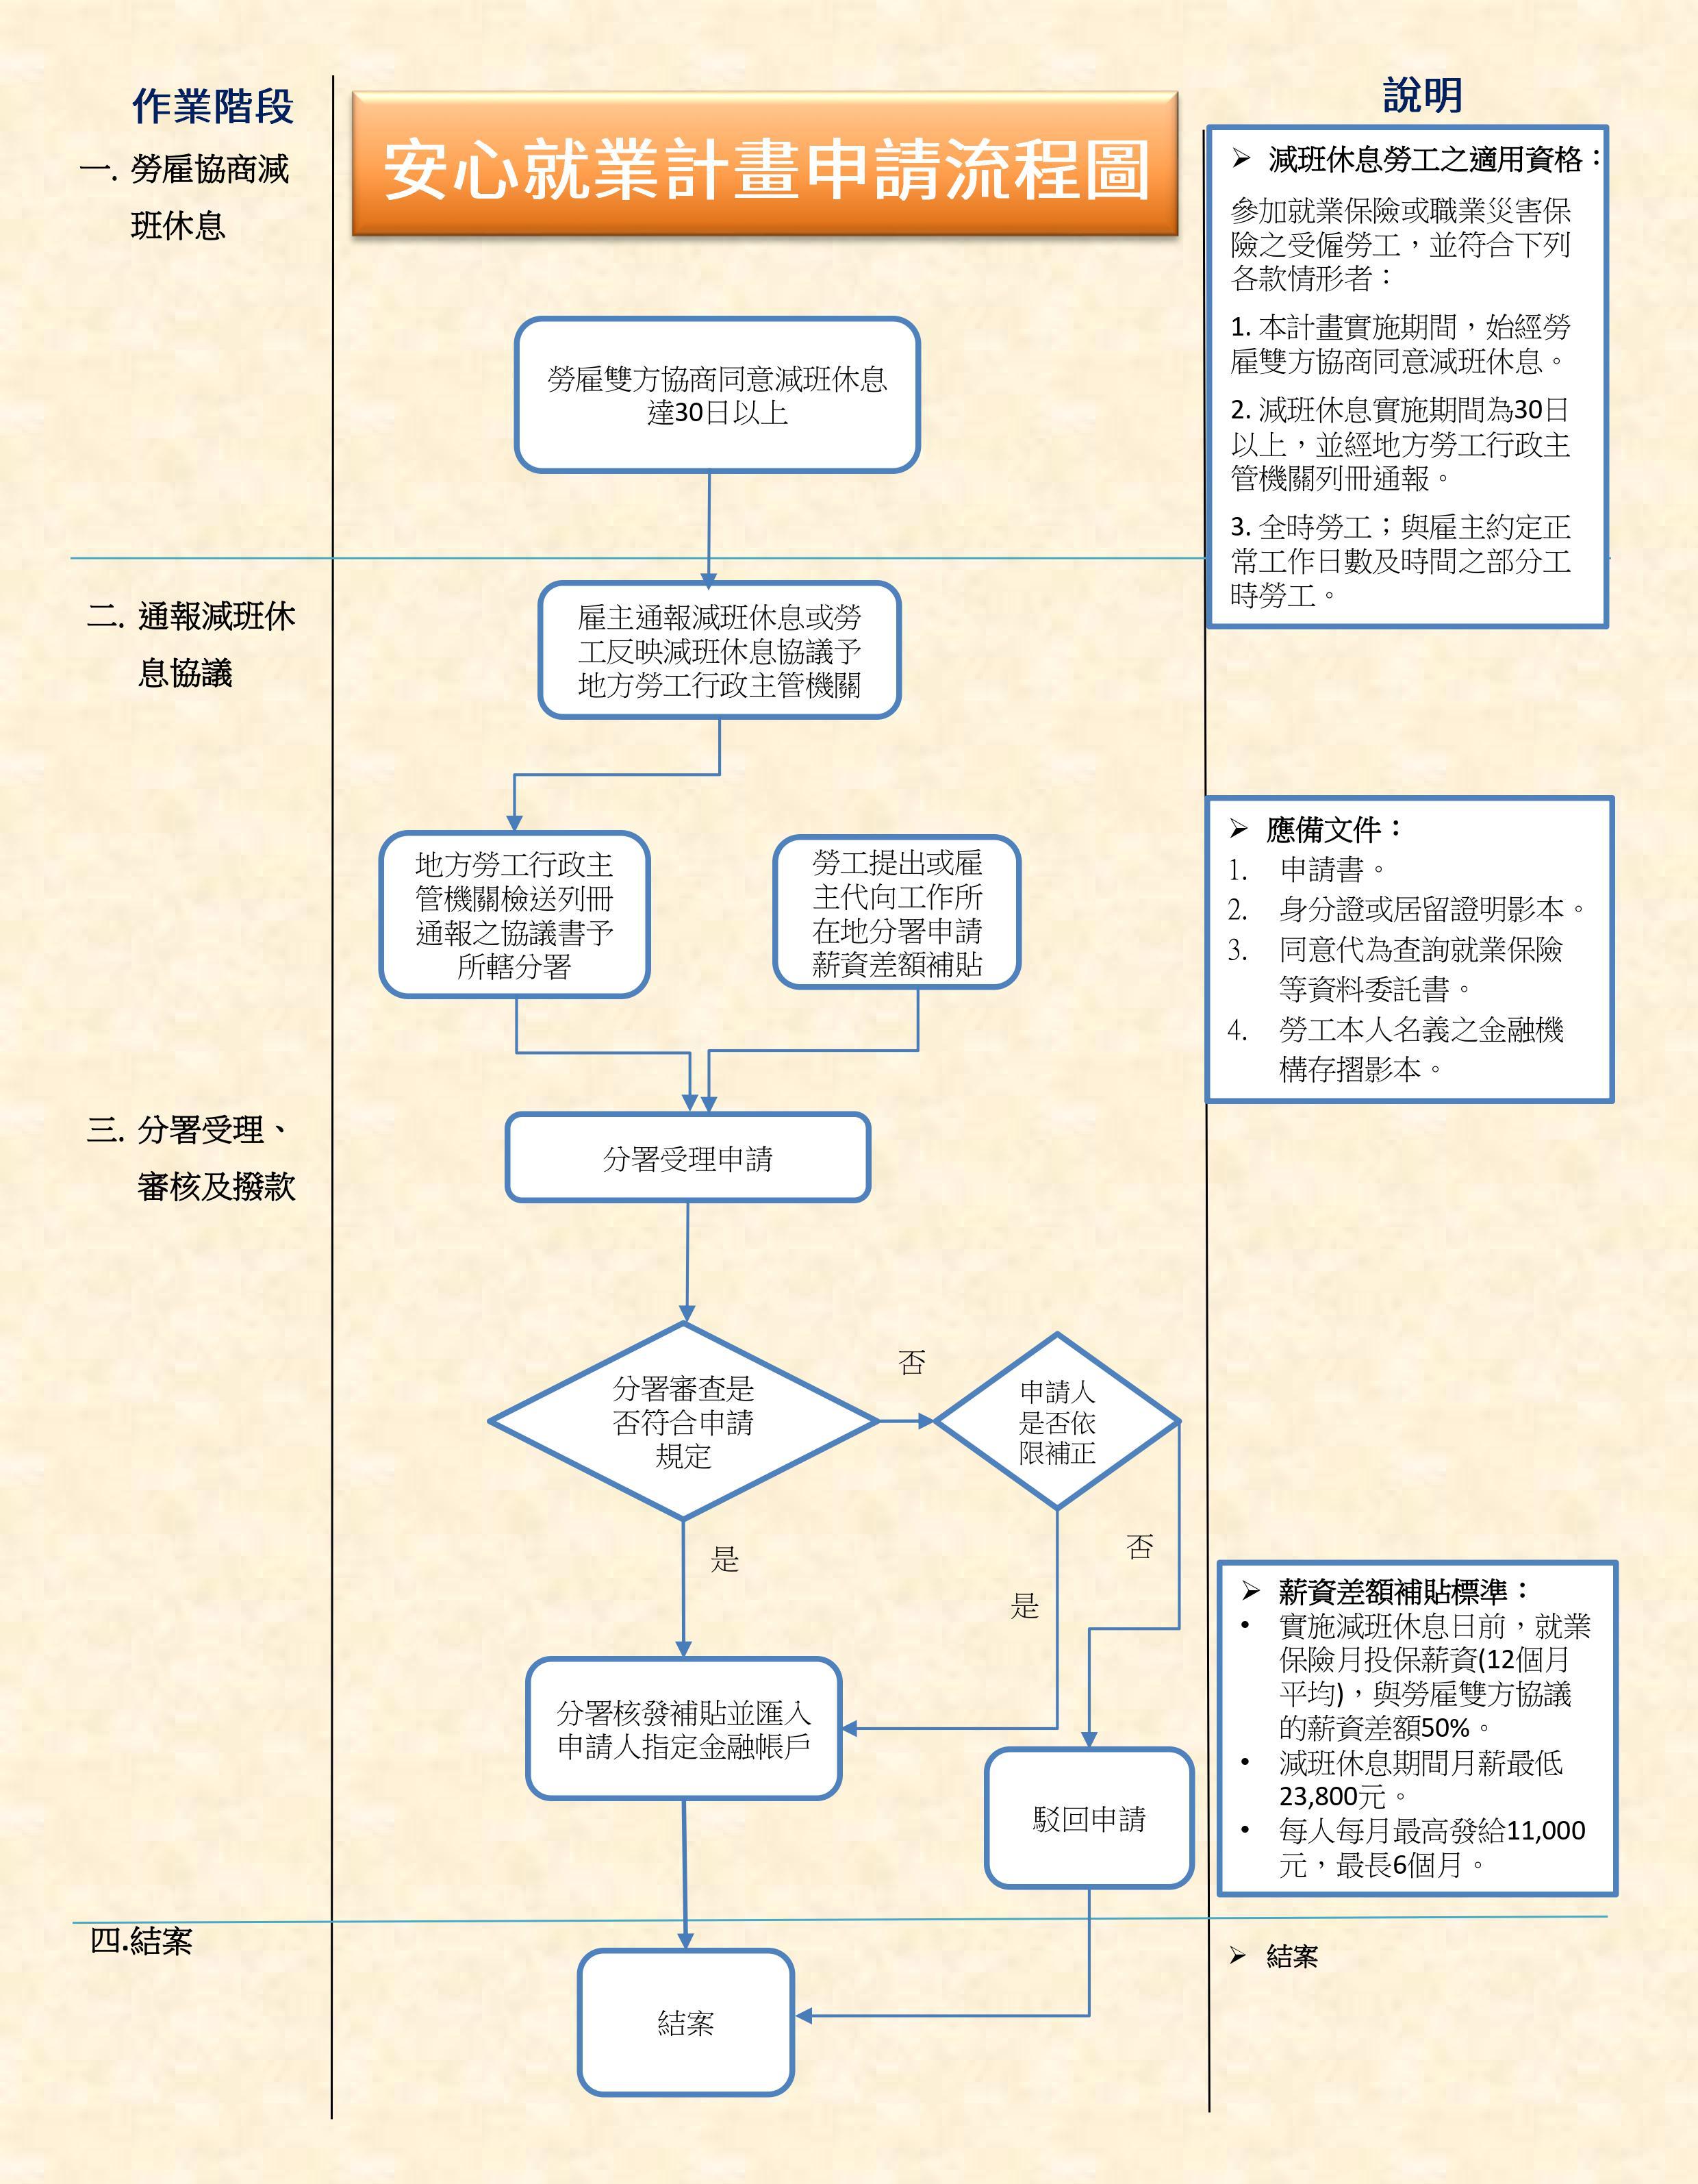 安心就業計畫申請流程圖